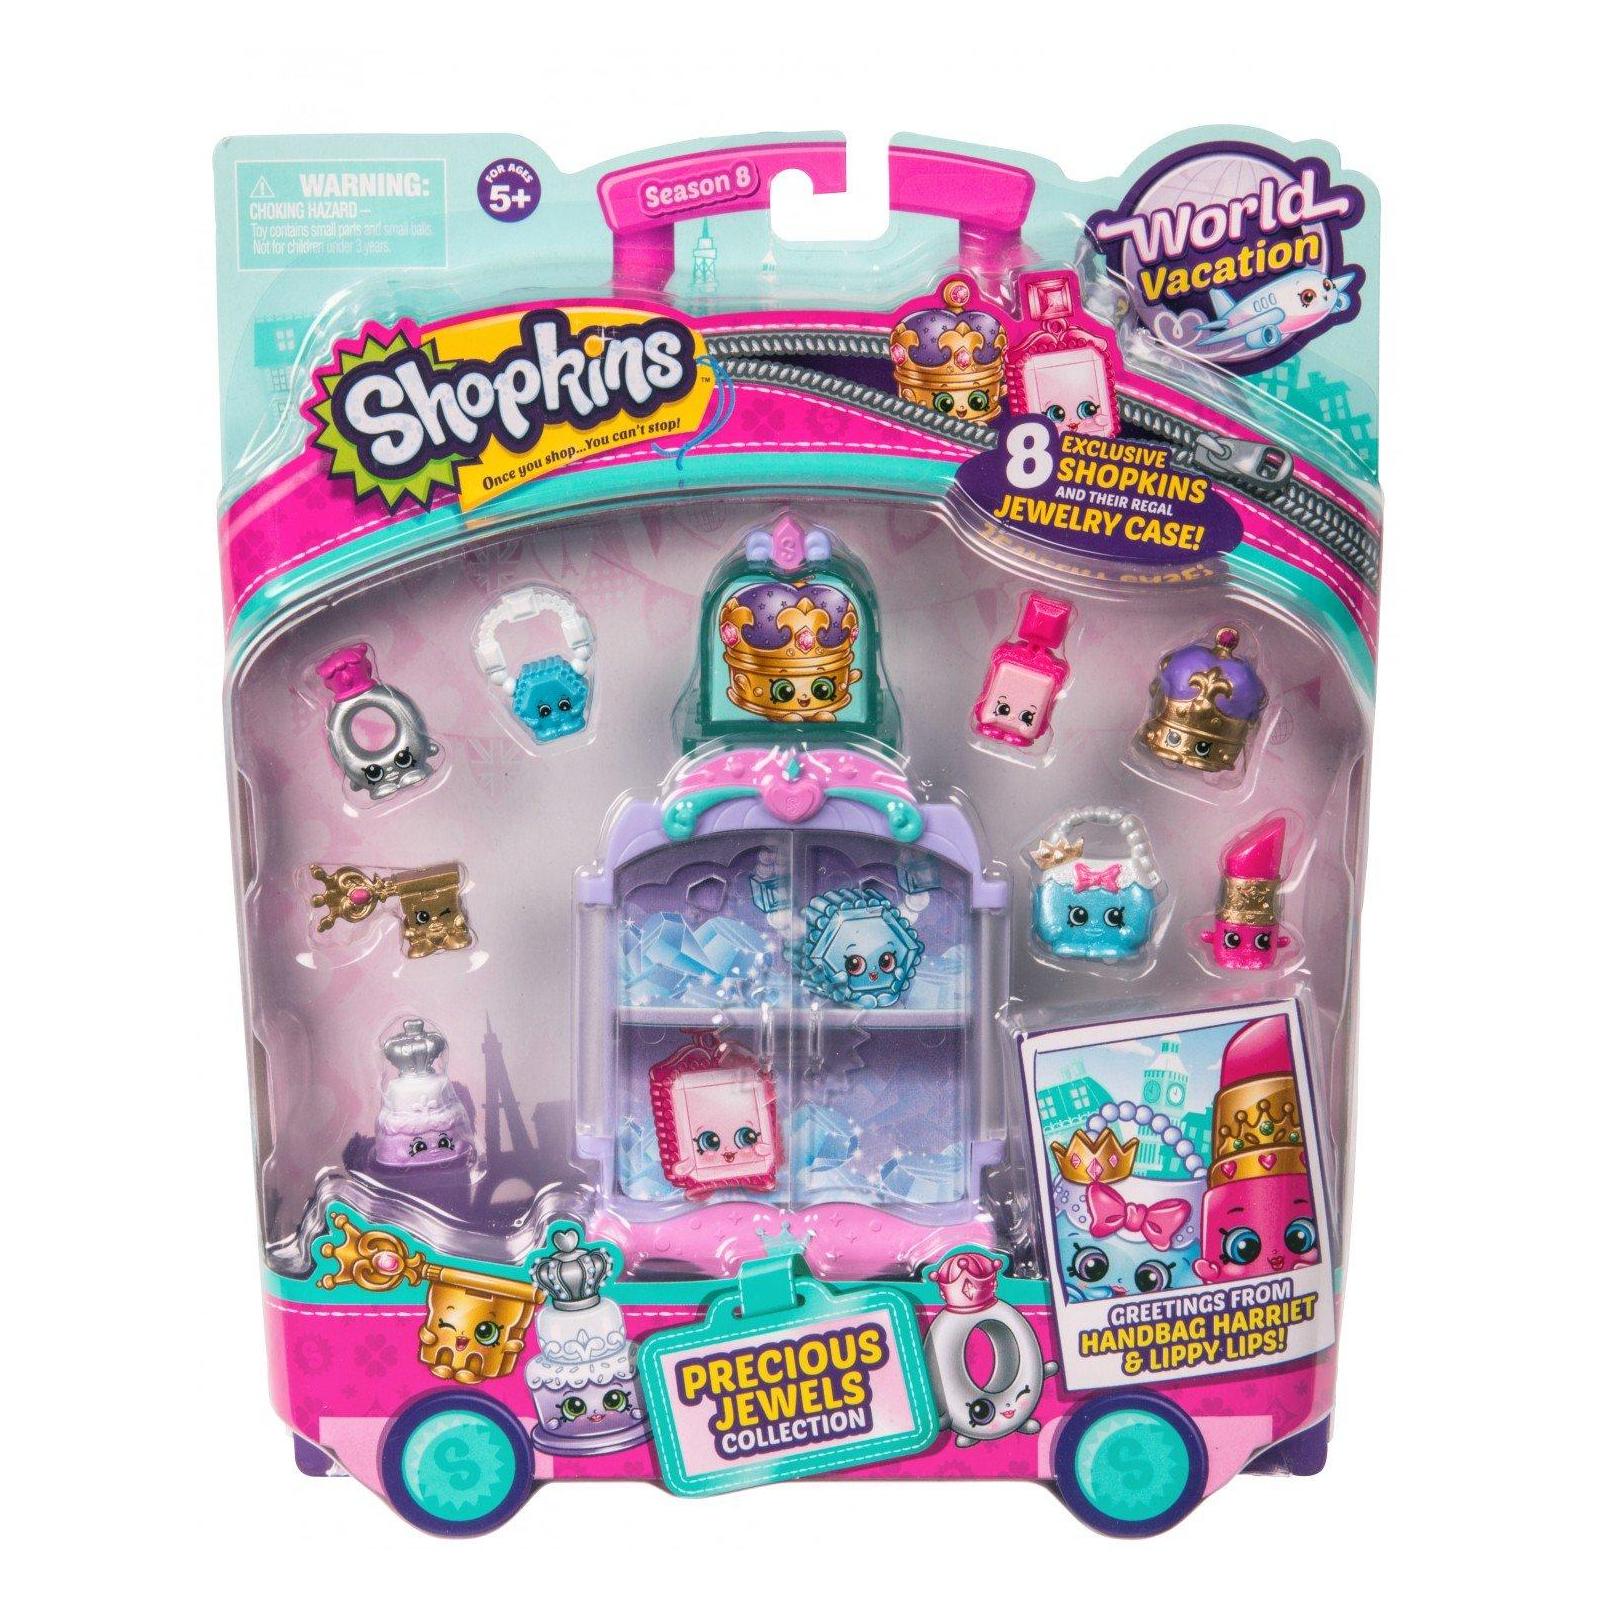 Игровой набор Shopkins S8 Кругосветное путешествие - Королевские драгоценности (56572)